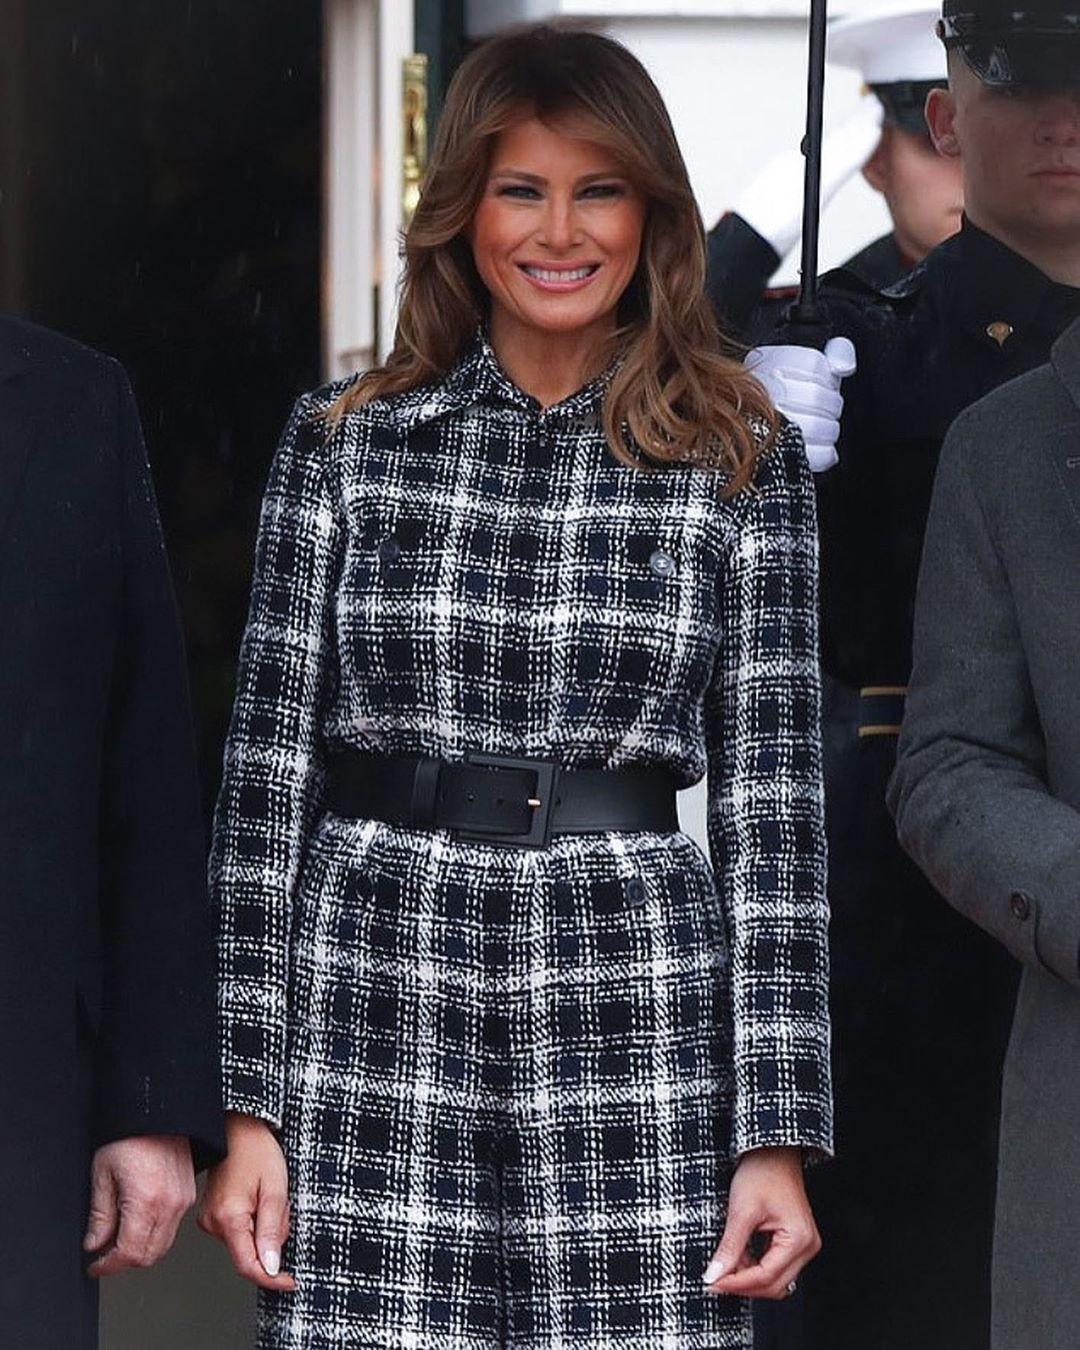 В стиле 70-х: Мелания Трамп в комбинезоне из твида вместо пальто для первого официального выхода в 2020 - фото №3